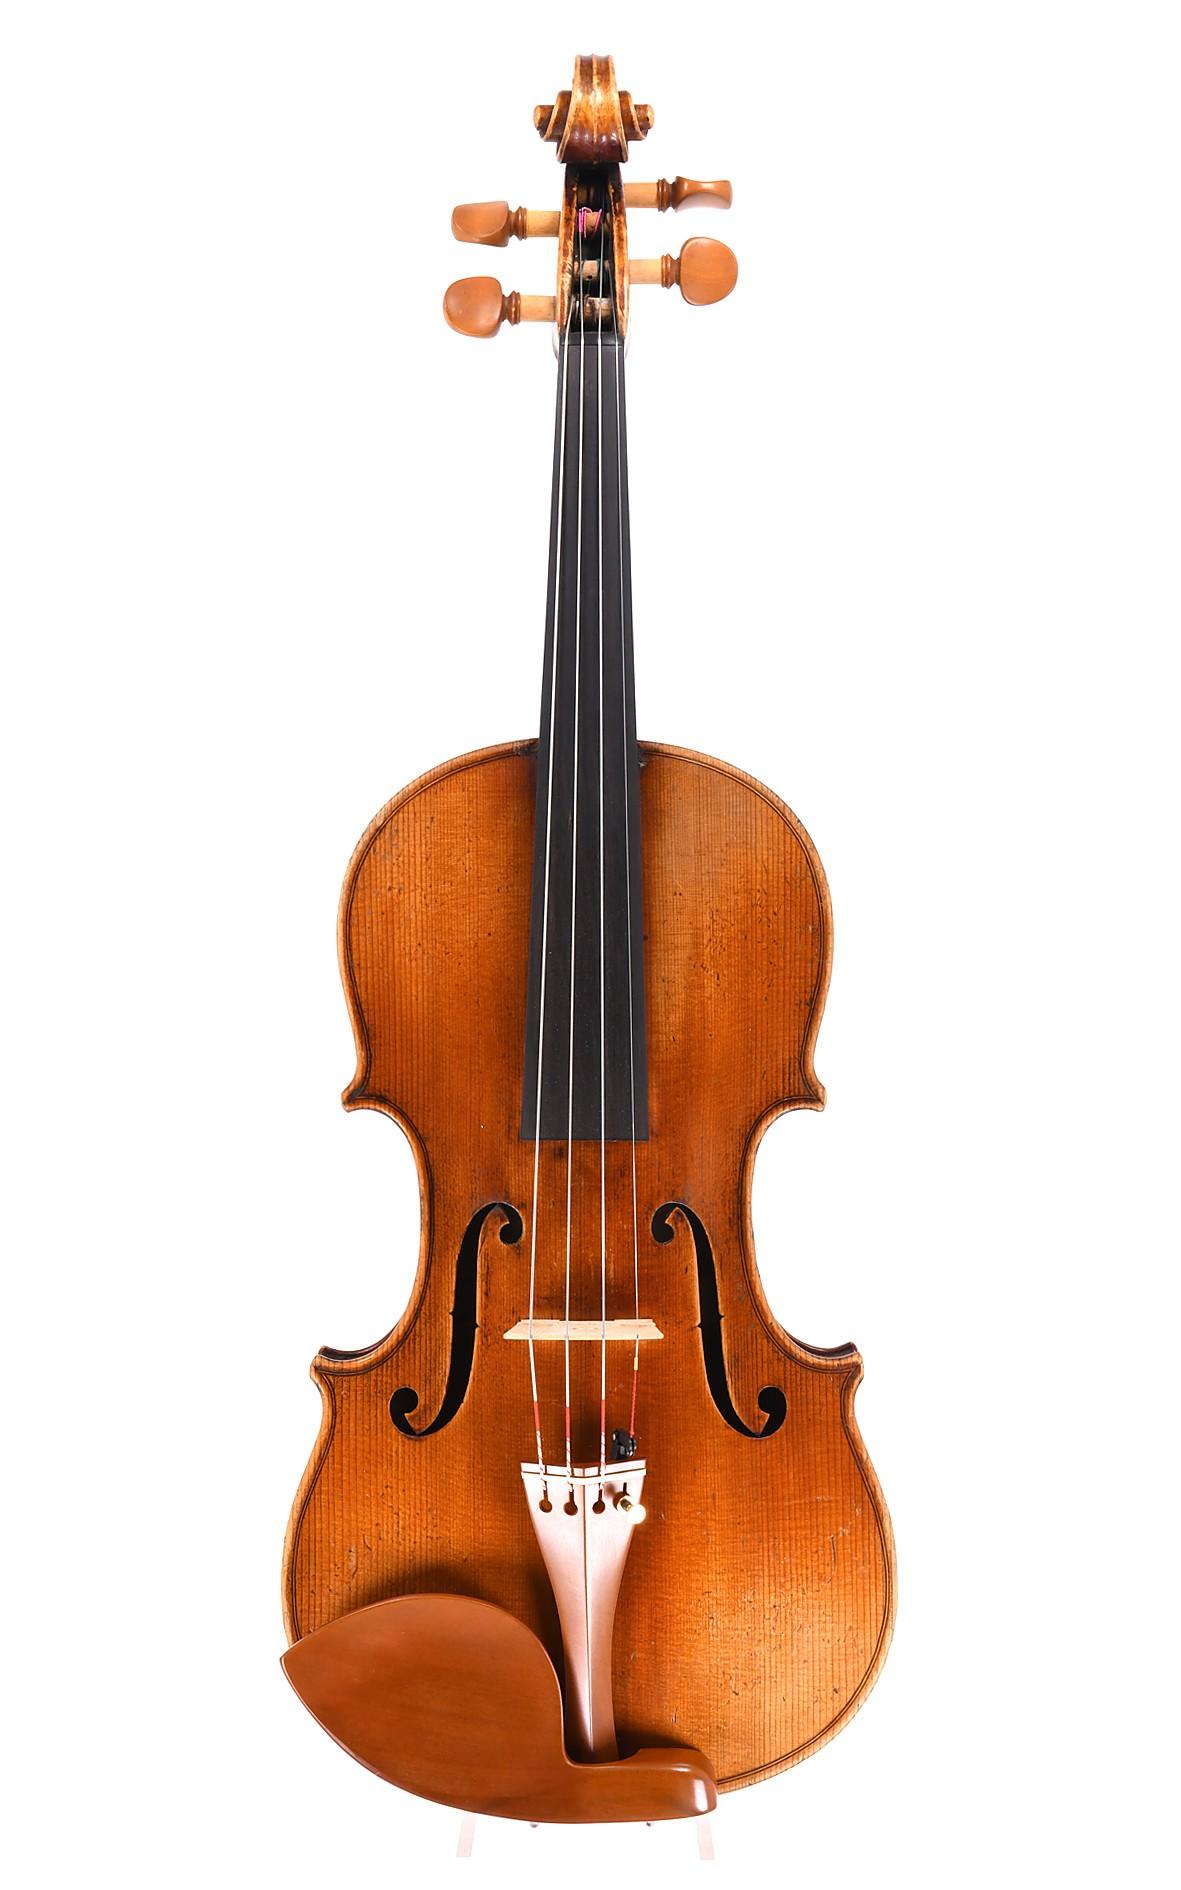 Louis Lowendall (Löwenthal) - Geige nach Stradivari, Dresden um 1880 - Decke